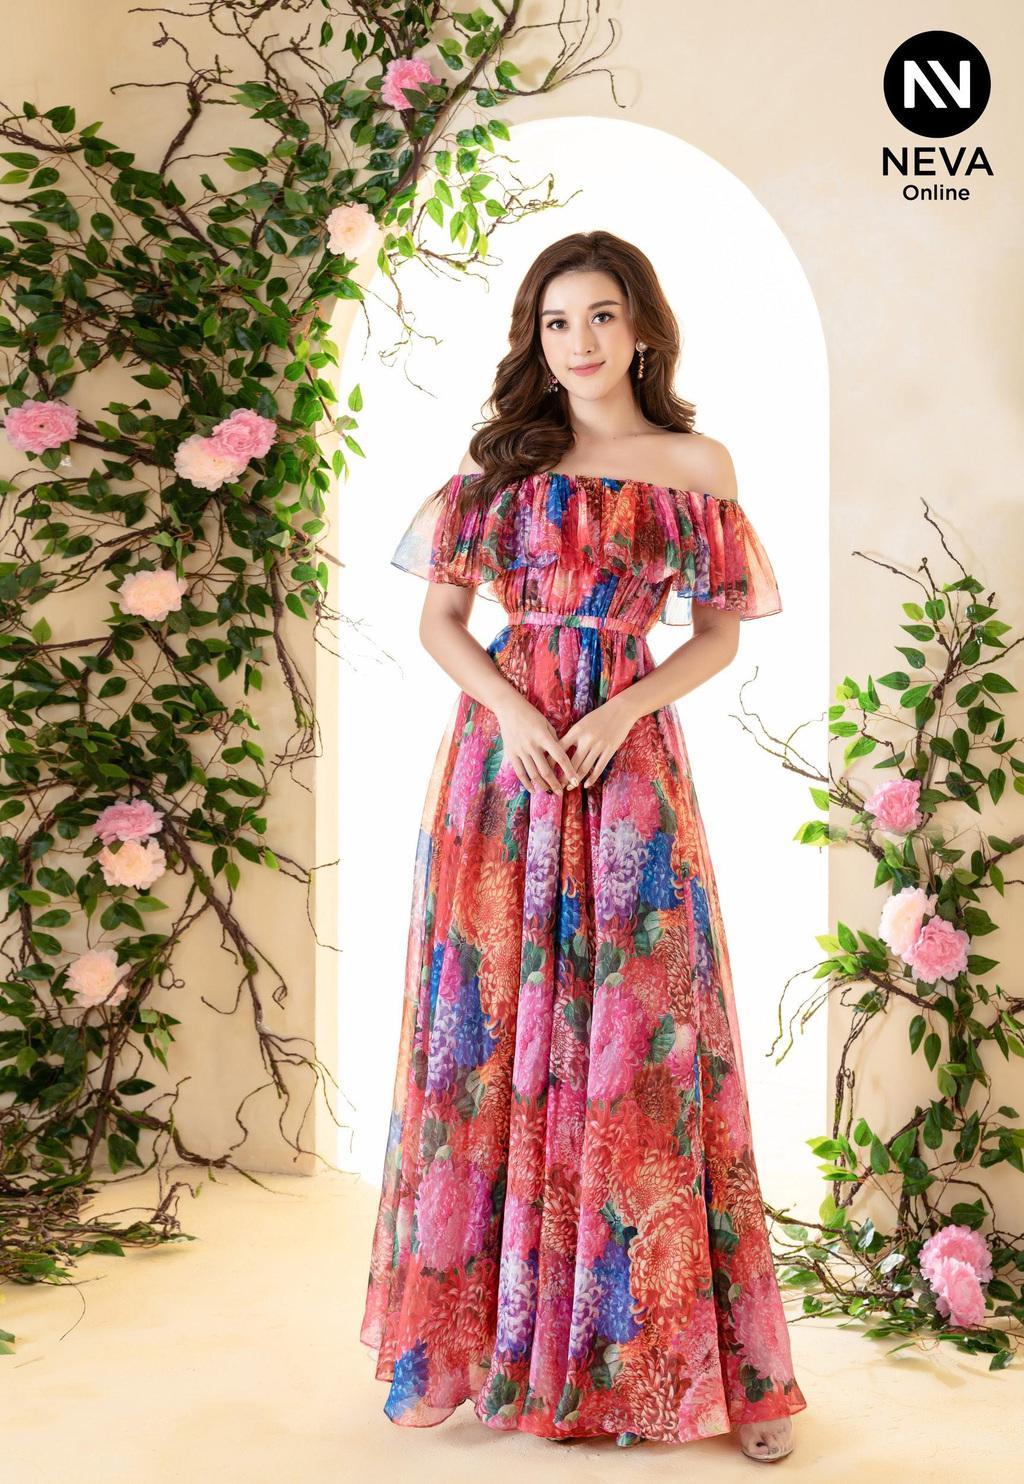 NEVA Online và BST thời trang khơi nguồn cảm hứng từ mẹ thiên nhiên